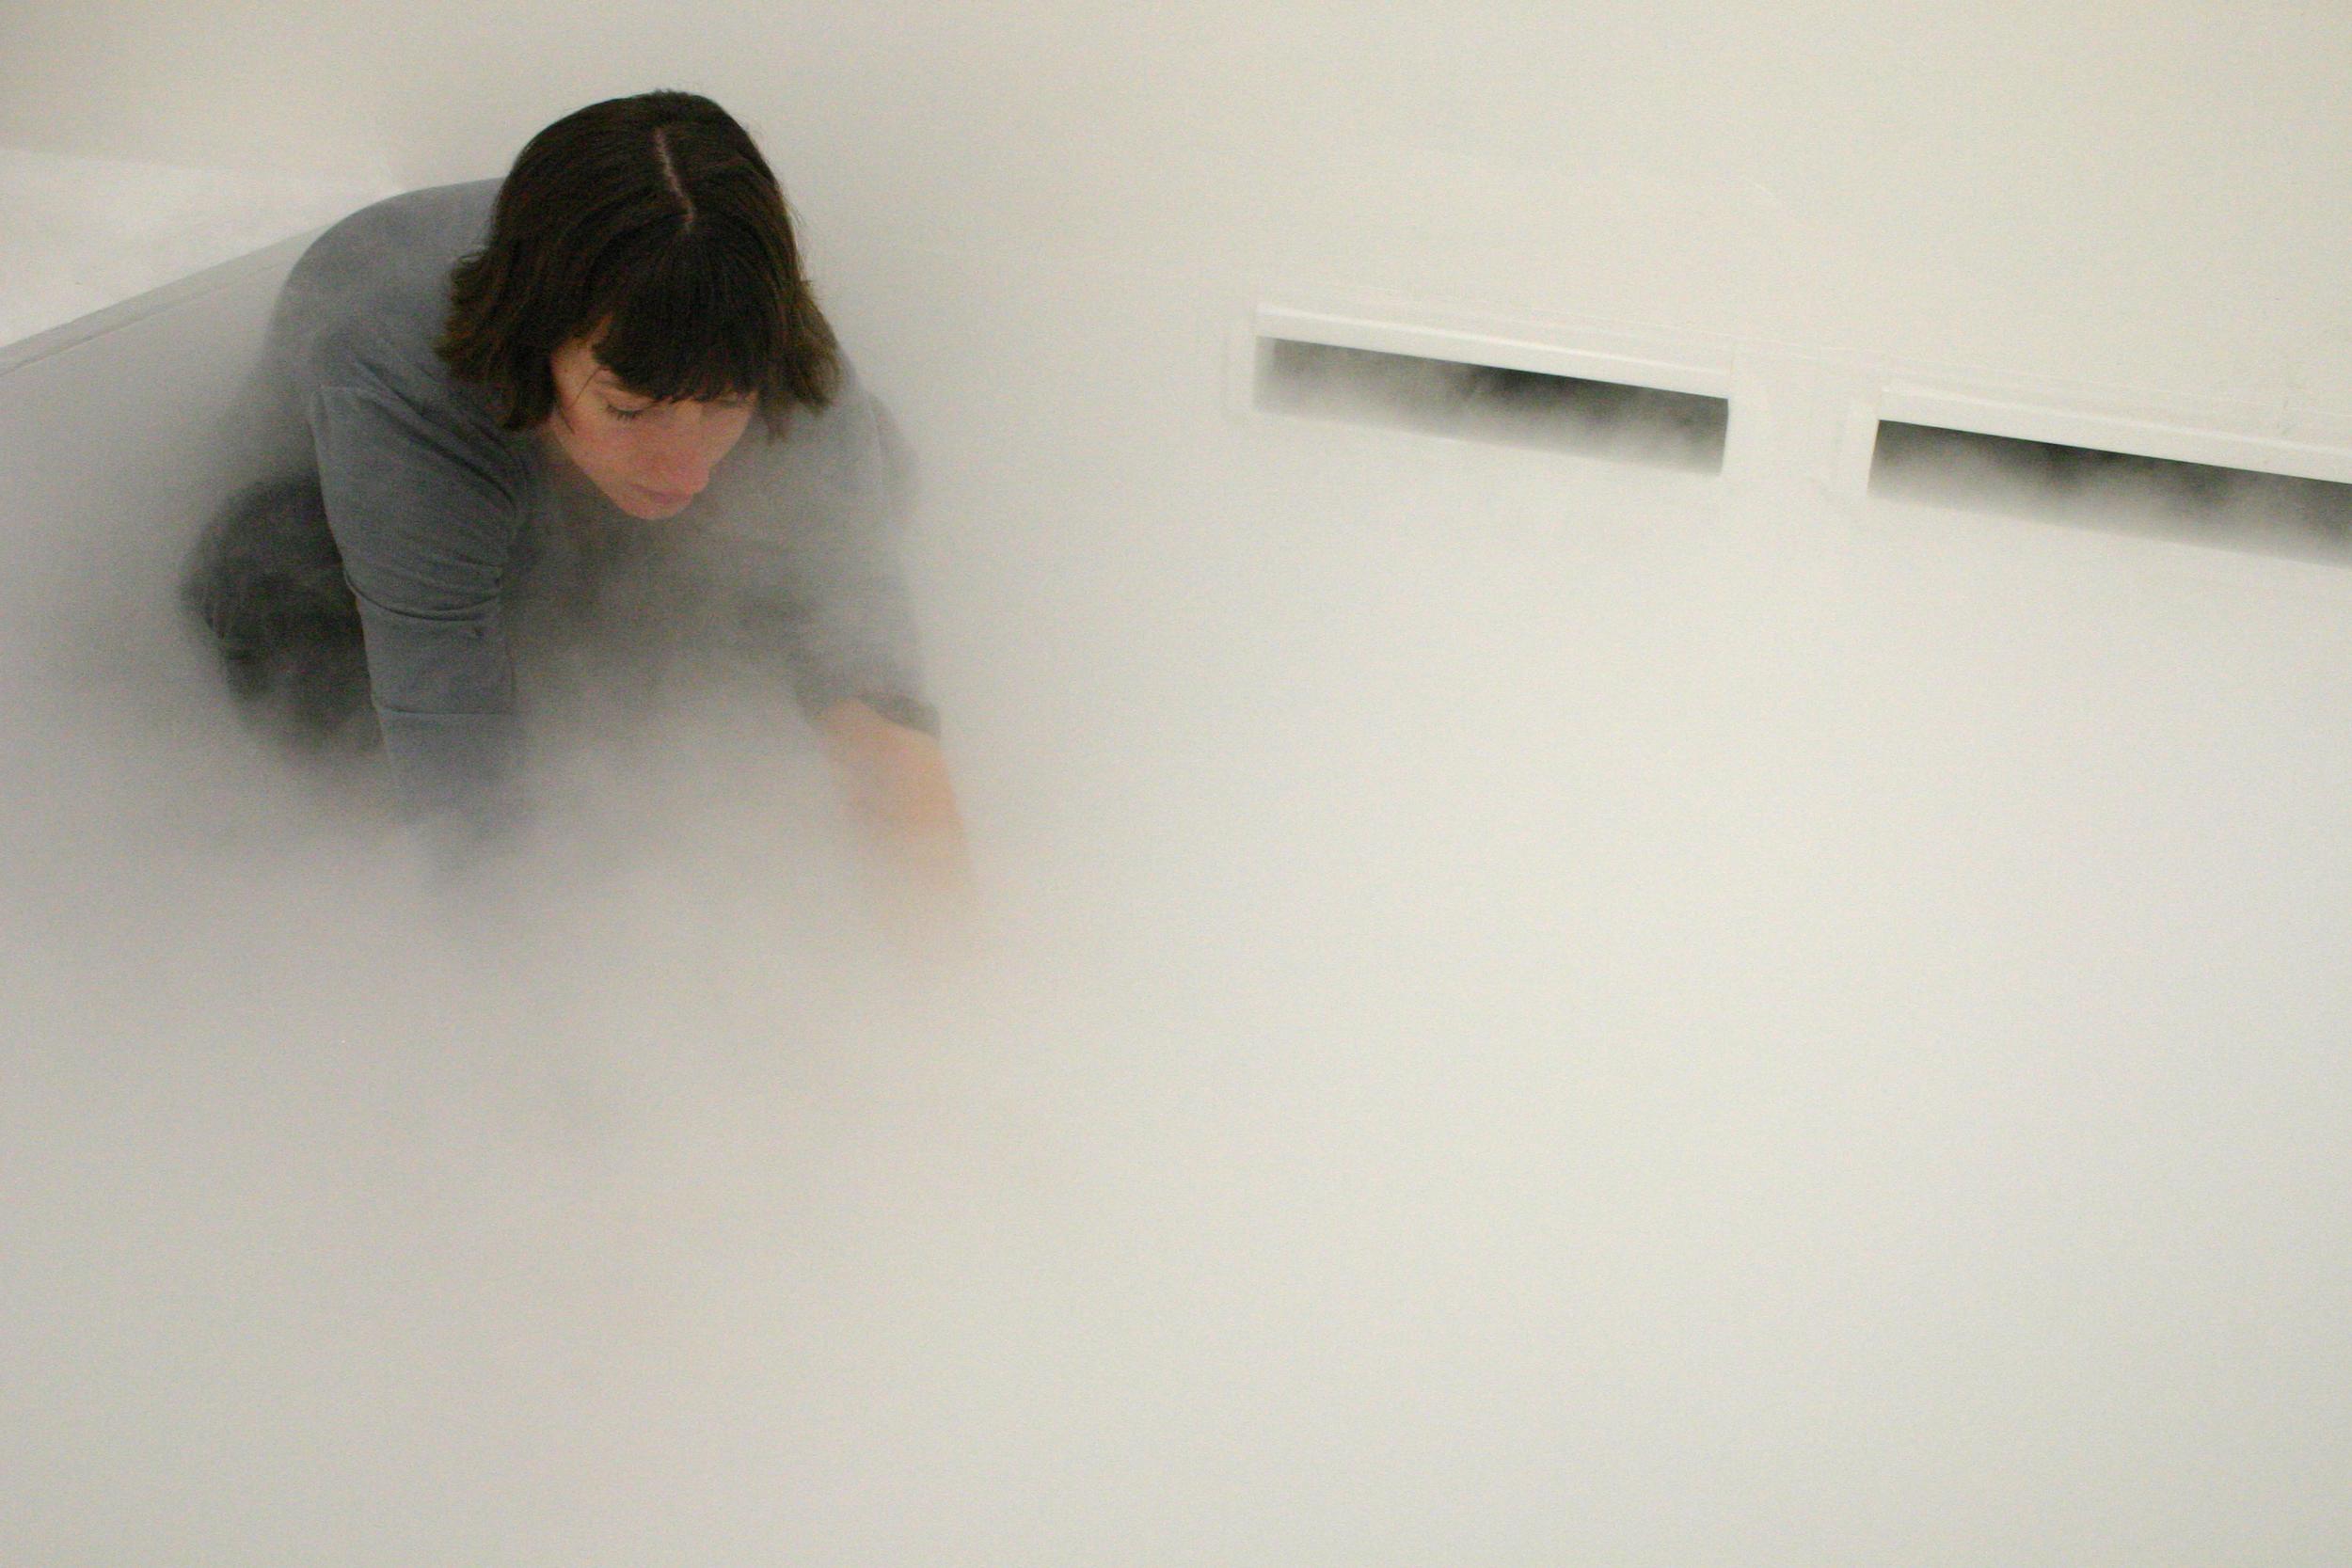 lena in fog 01.jpg